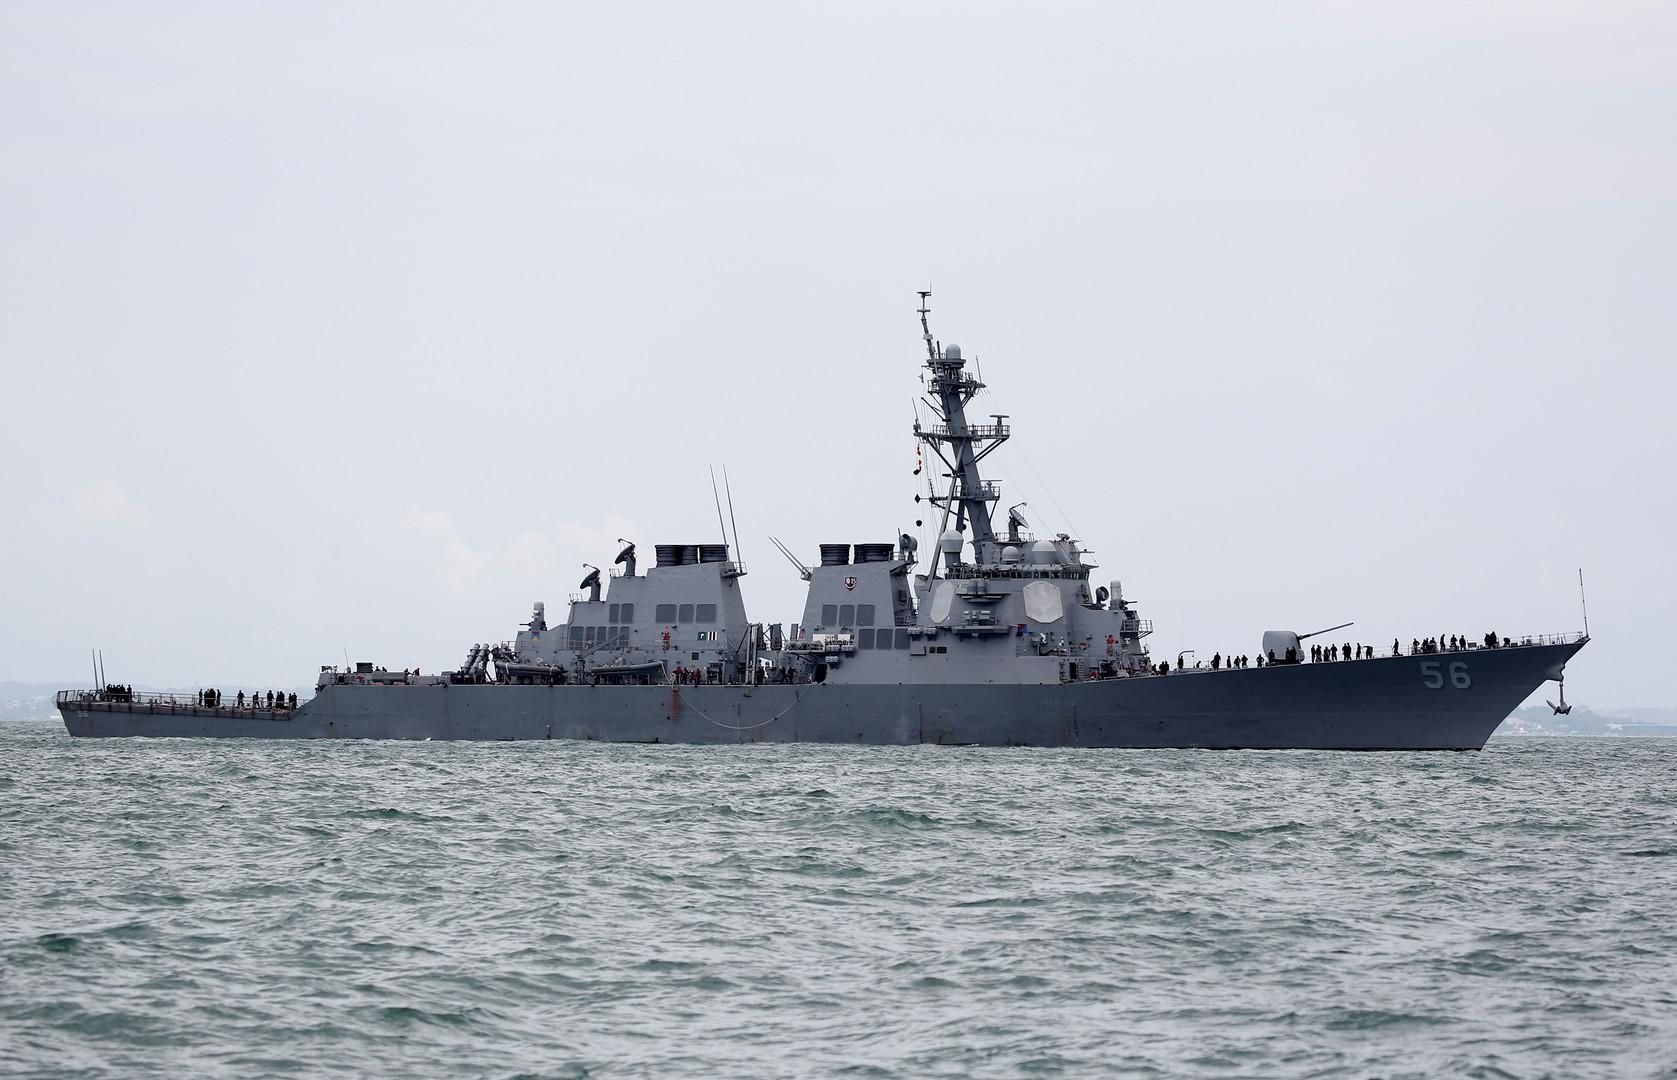 لماذا أخفى الجيش الأمريكي سفينة حربية عن أنظار ترامب خلال زيارته لليابان؟